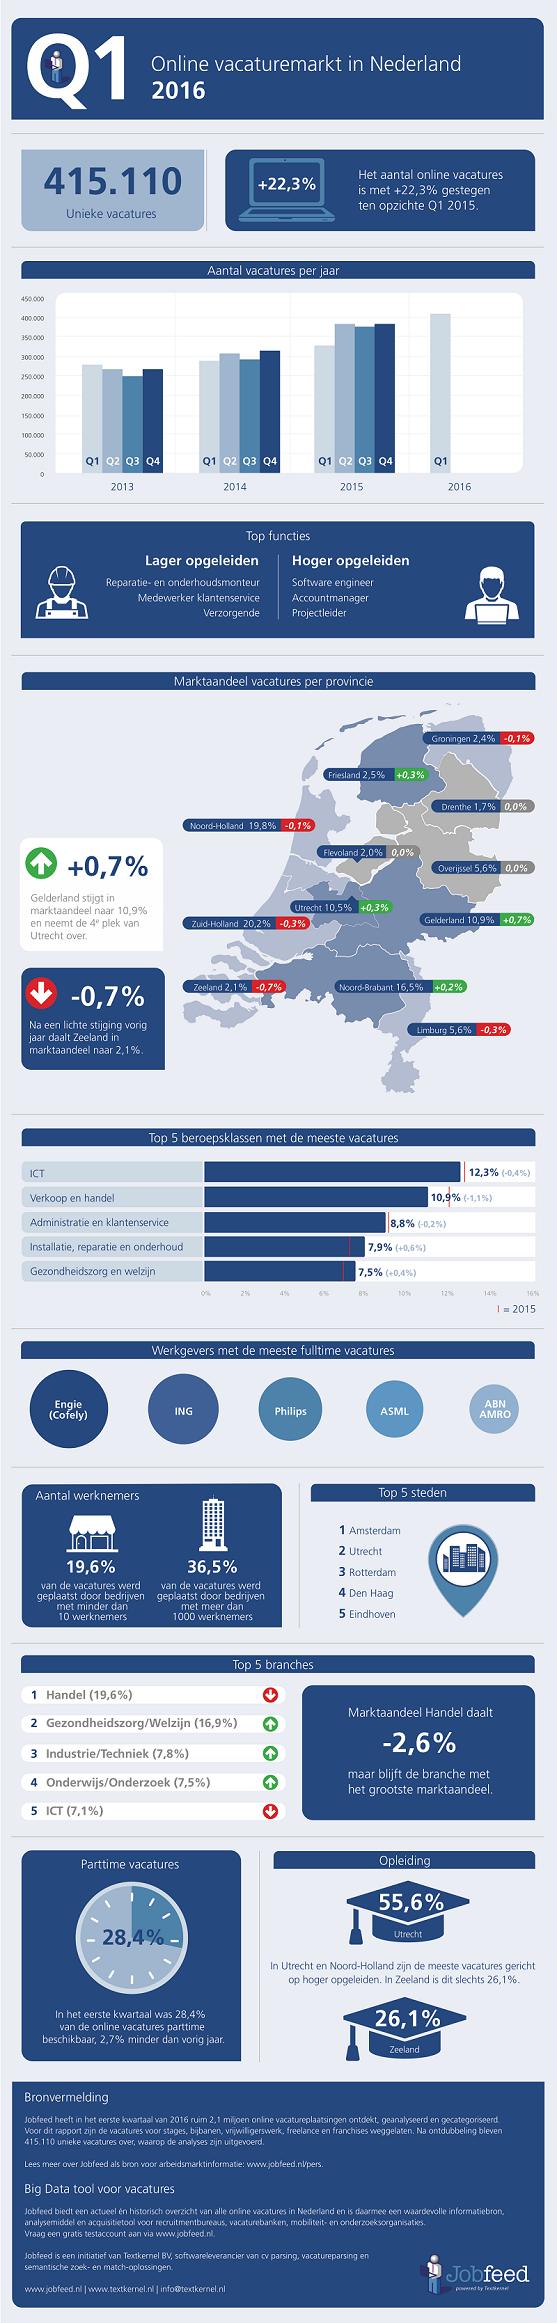 Online vacaturemarkt in Nederland Q1 2016 Jobfeed